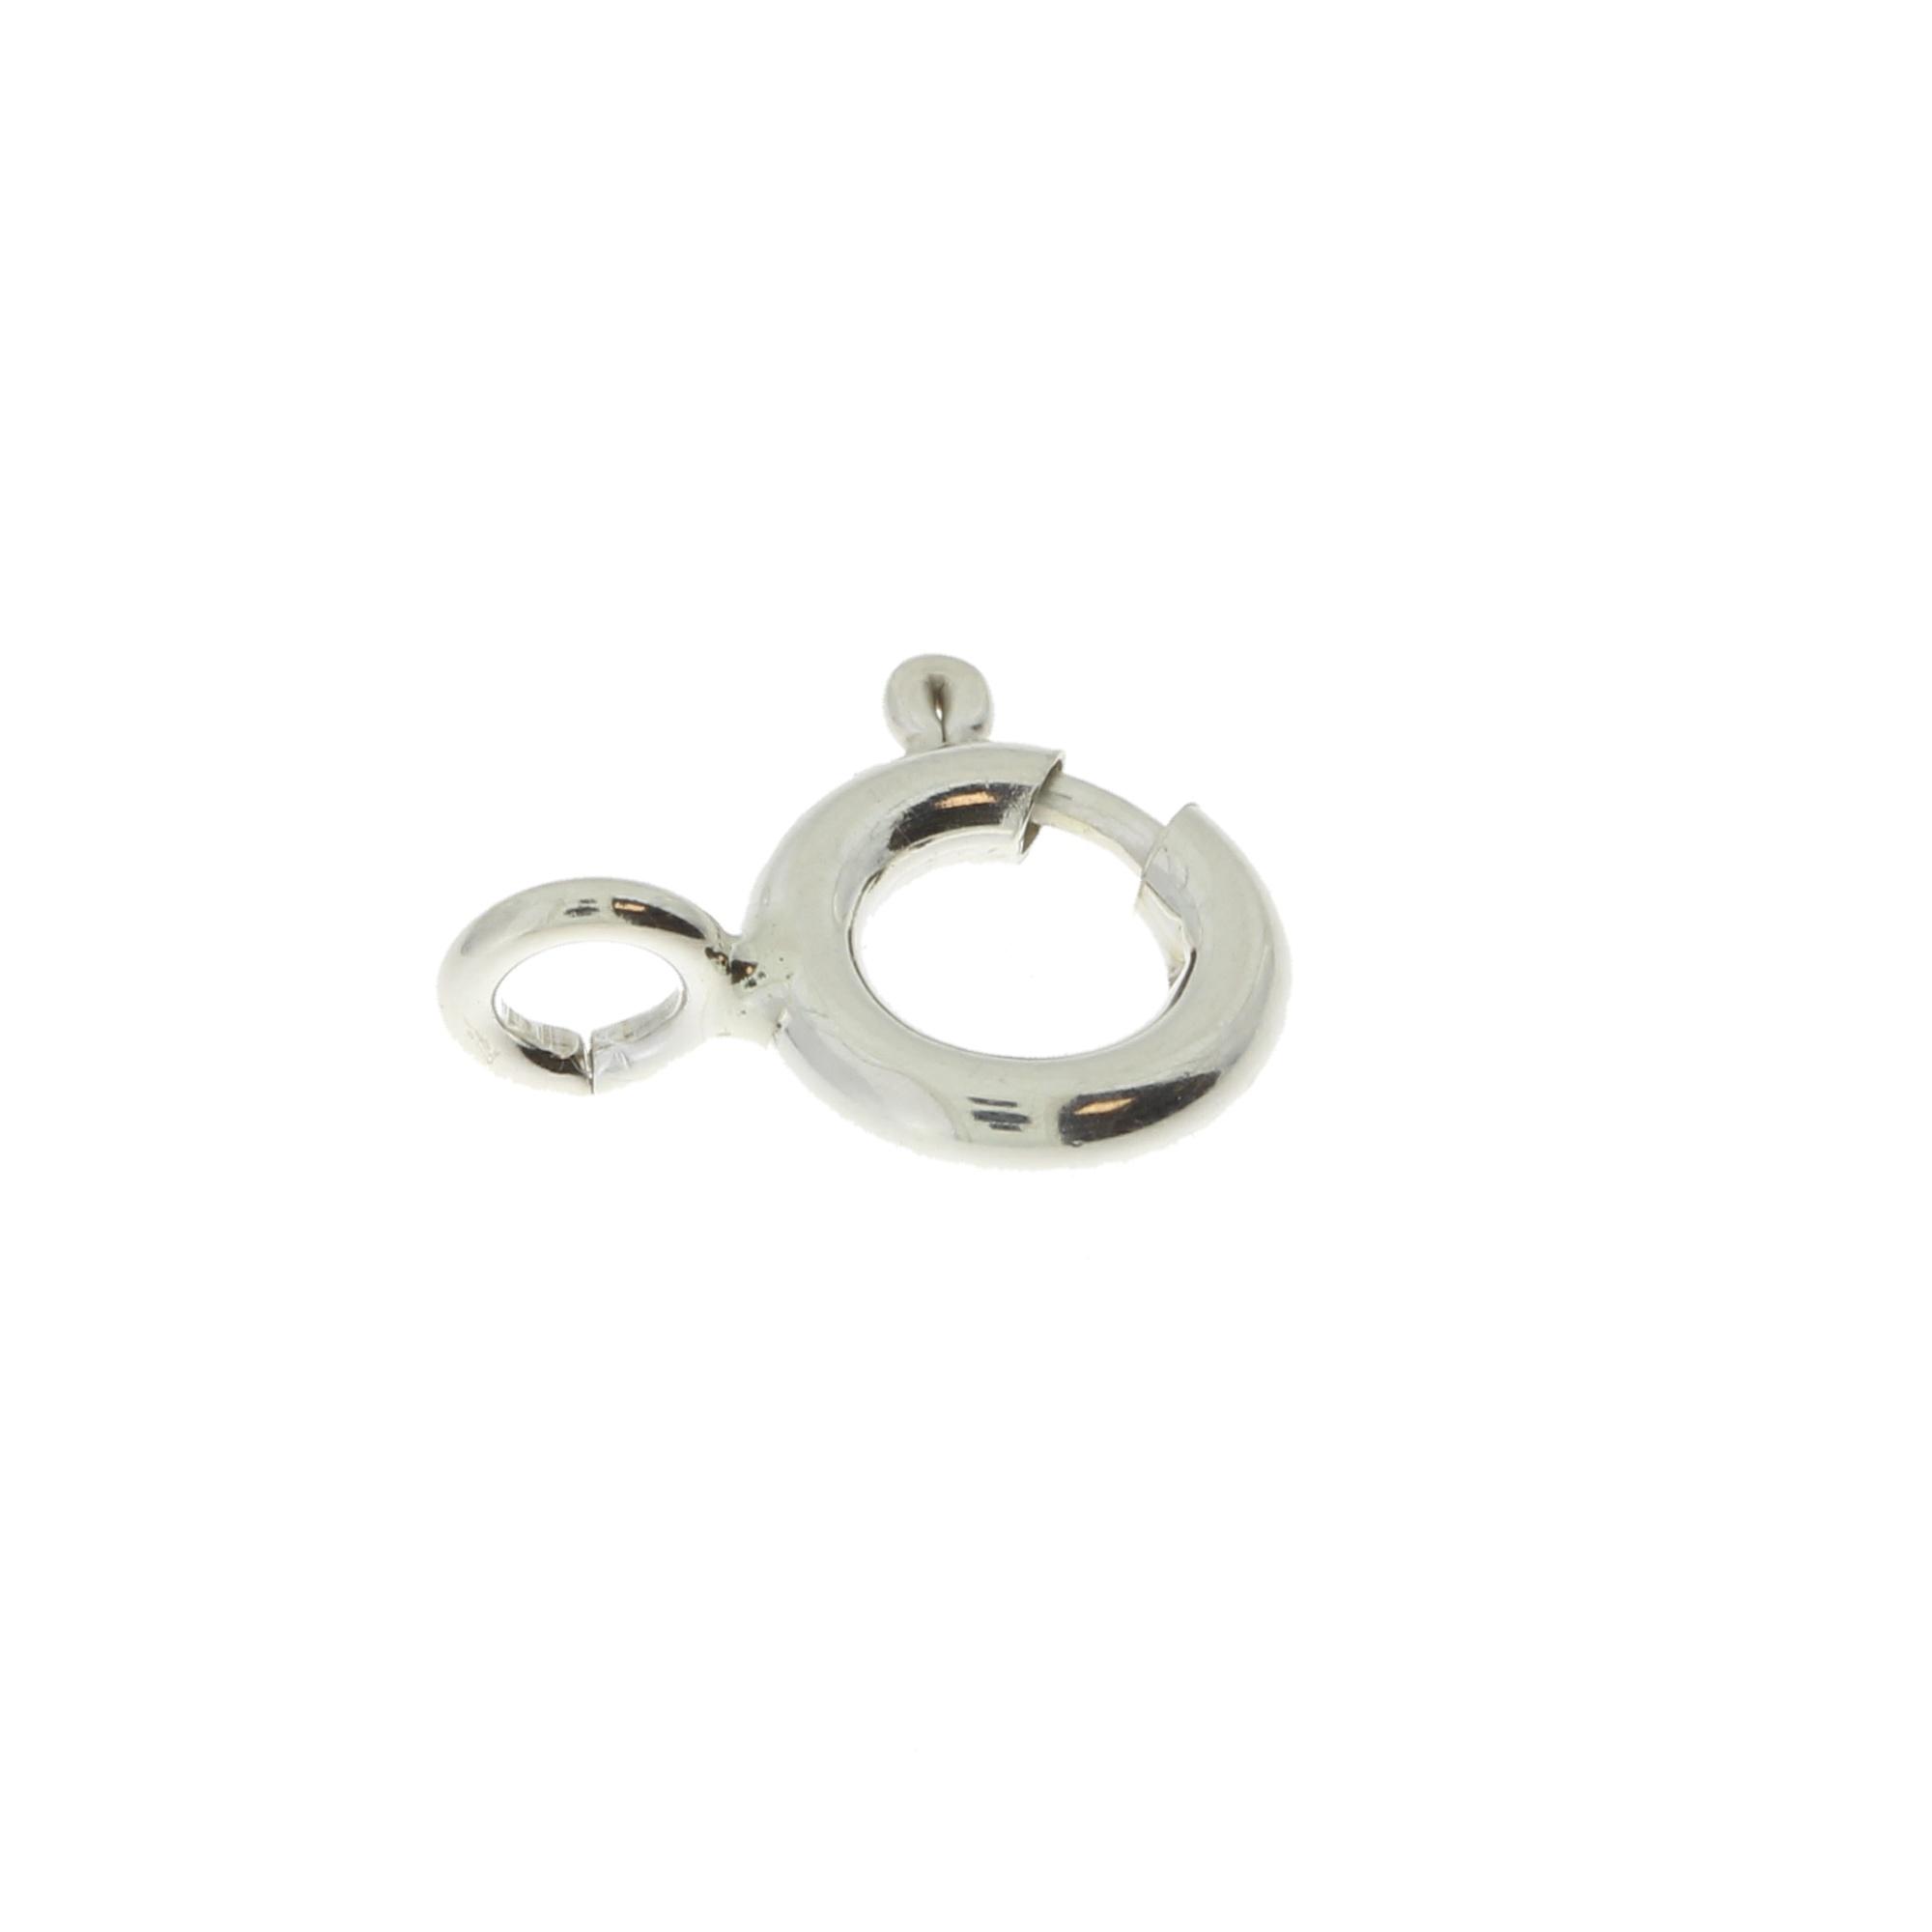 Кольцо пружинное стандартное спаянное 5,0 серебро 925 АМ050S